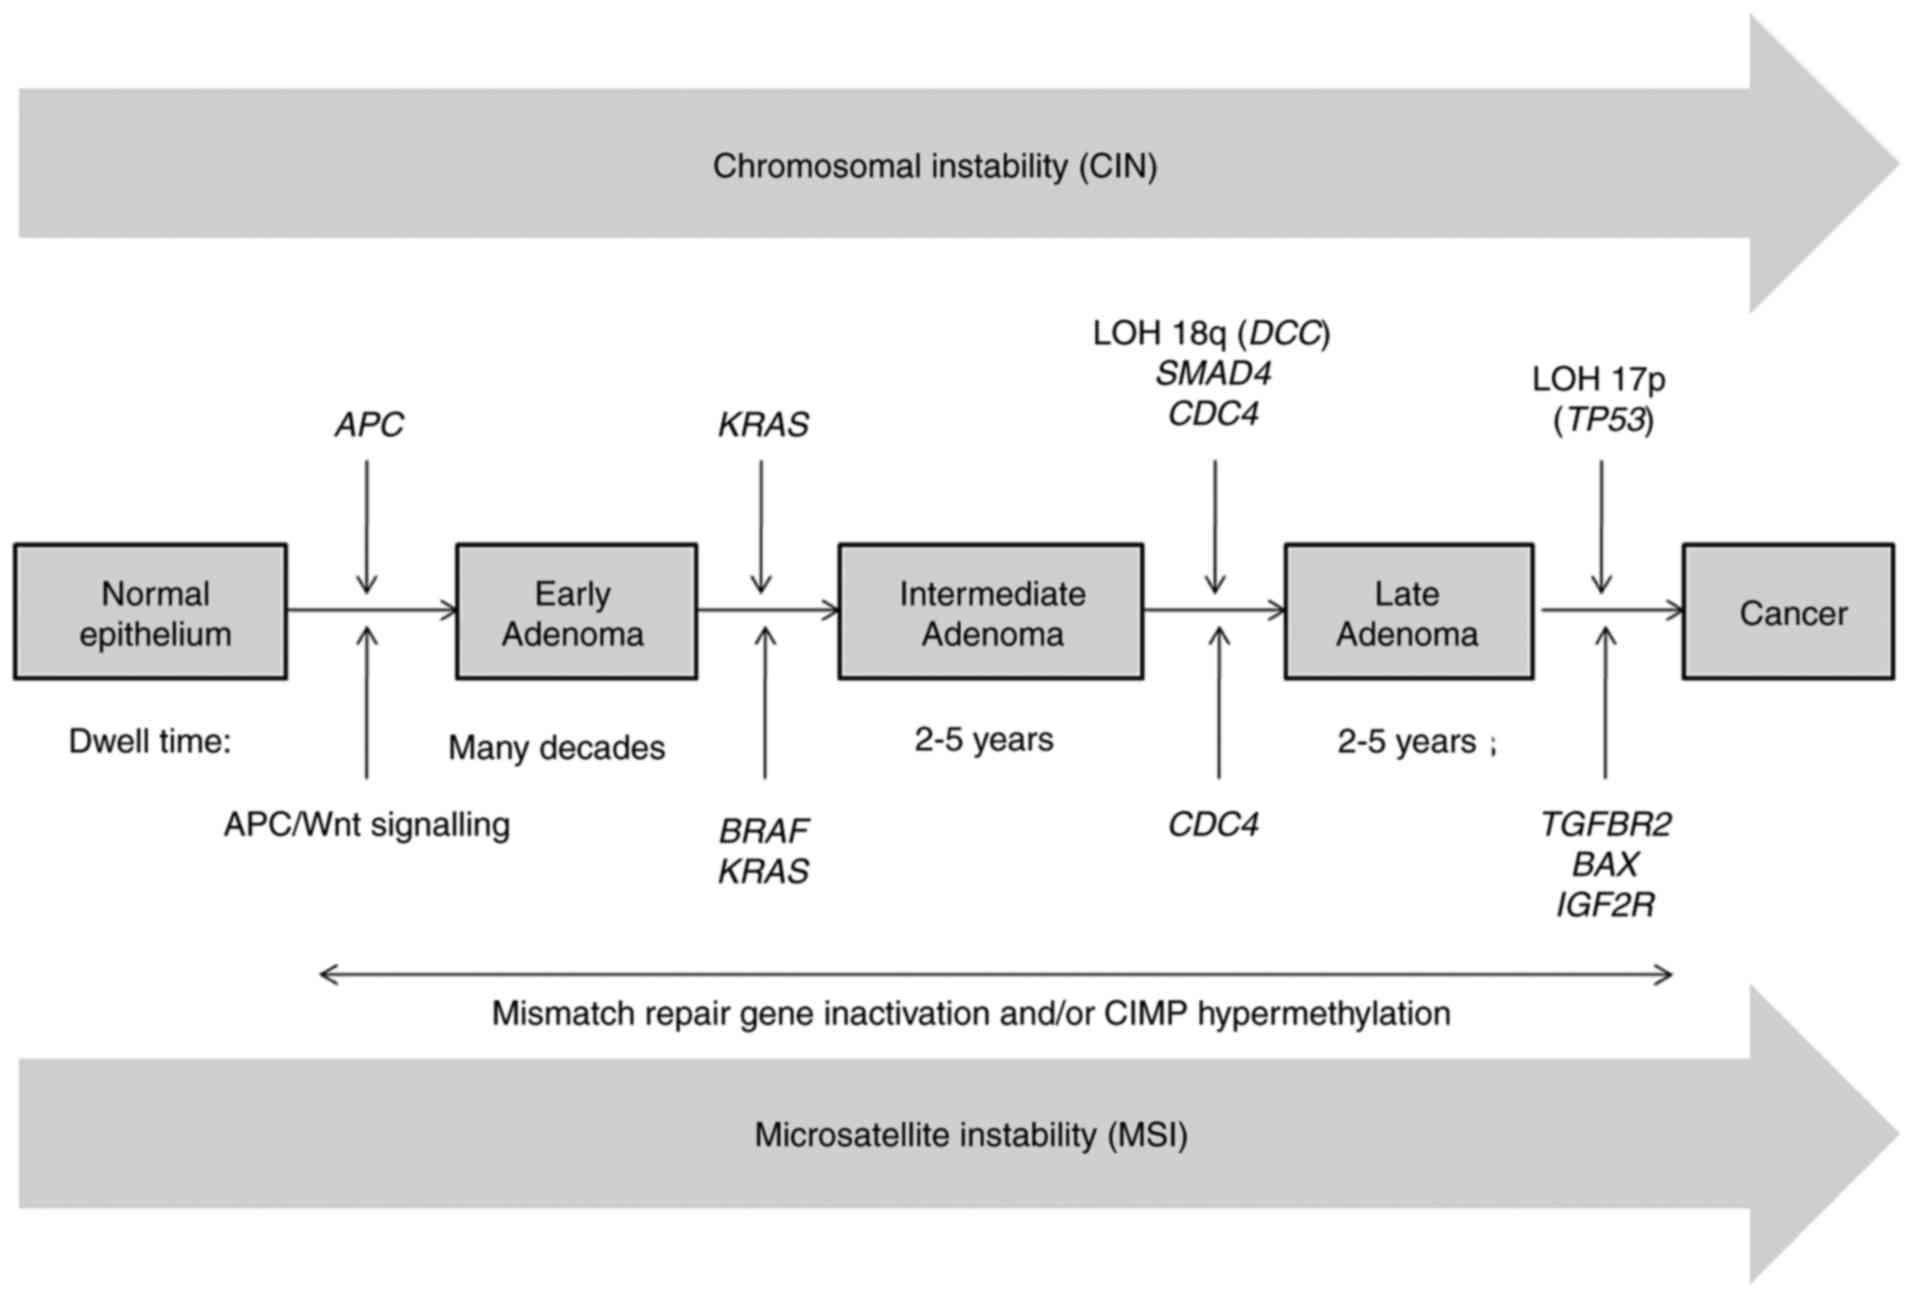 Mutaţii K-ras în tumori de colon | Synevo